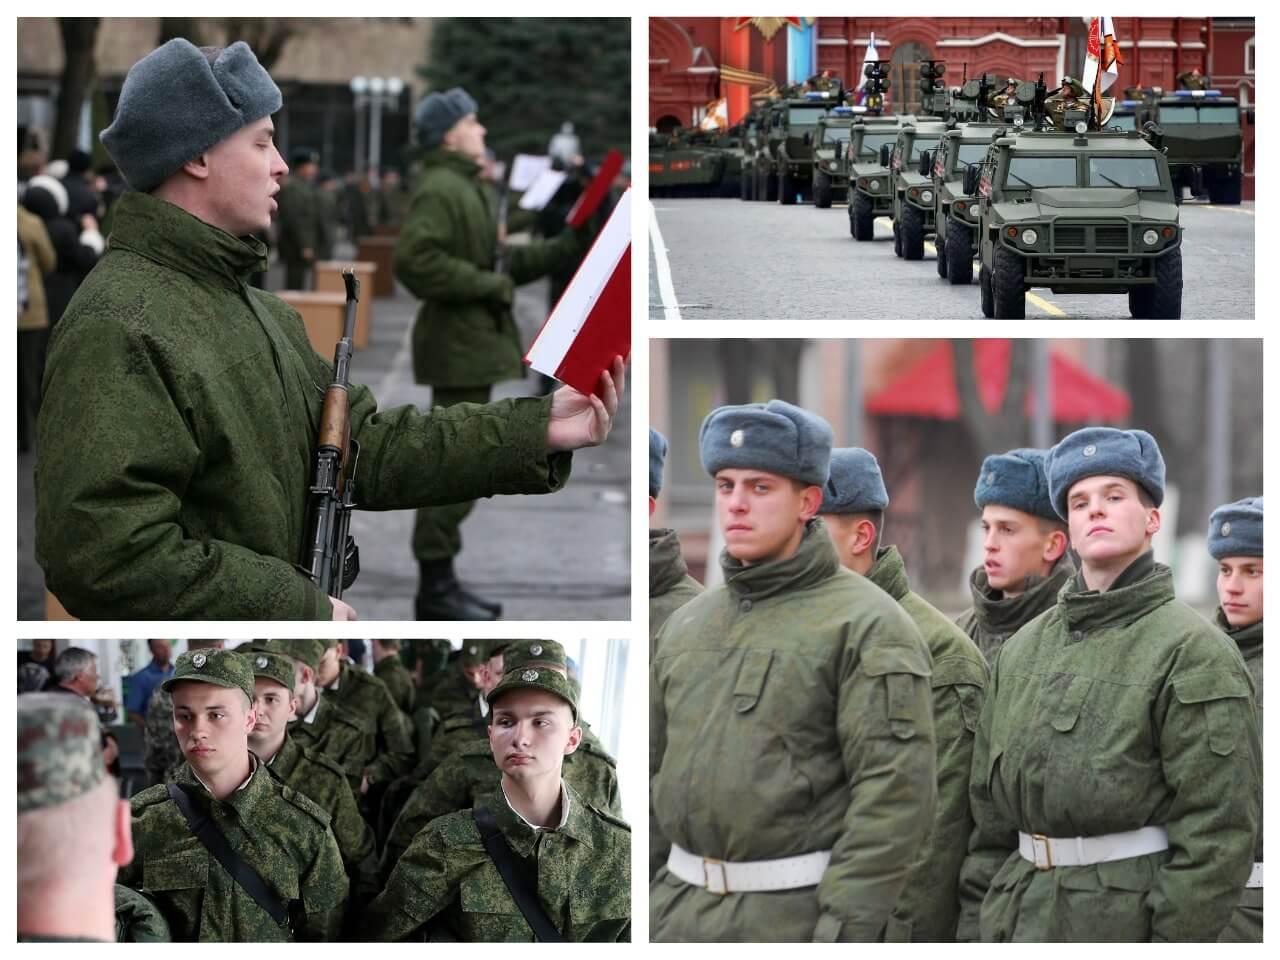 На фото изображены солдаты (часть 3).